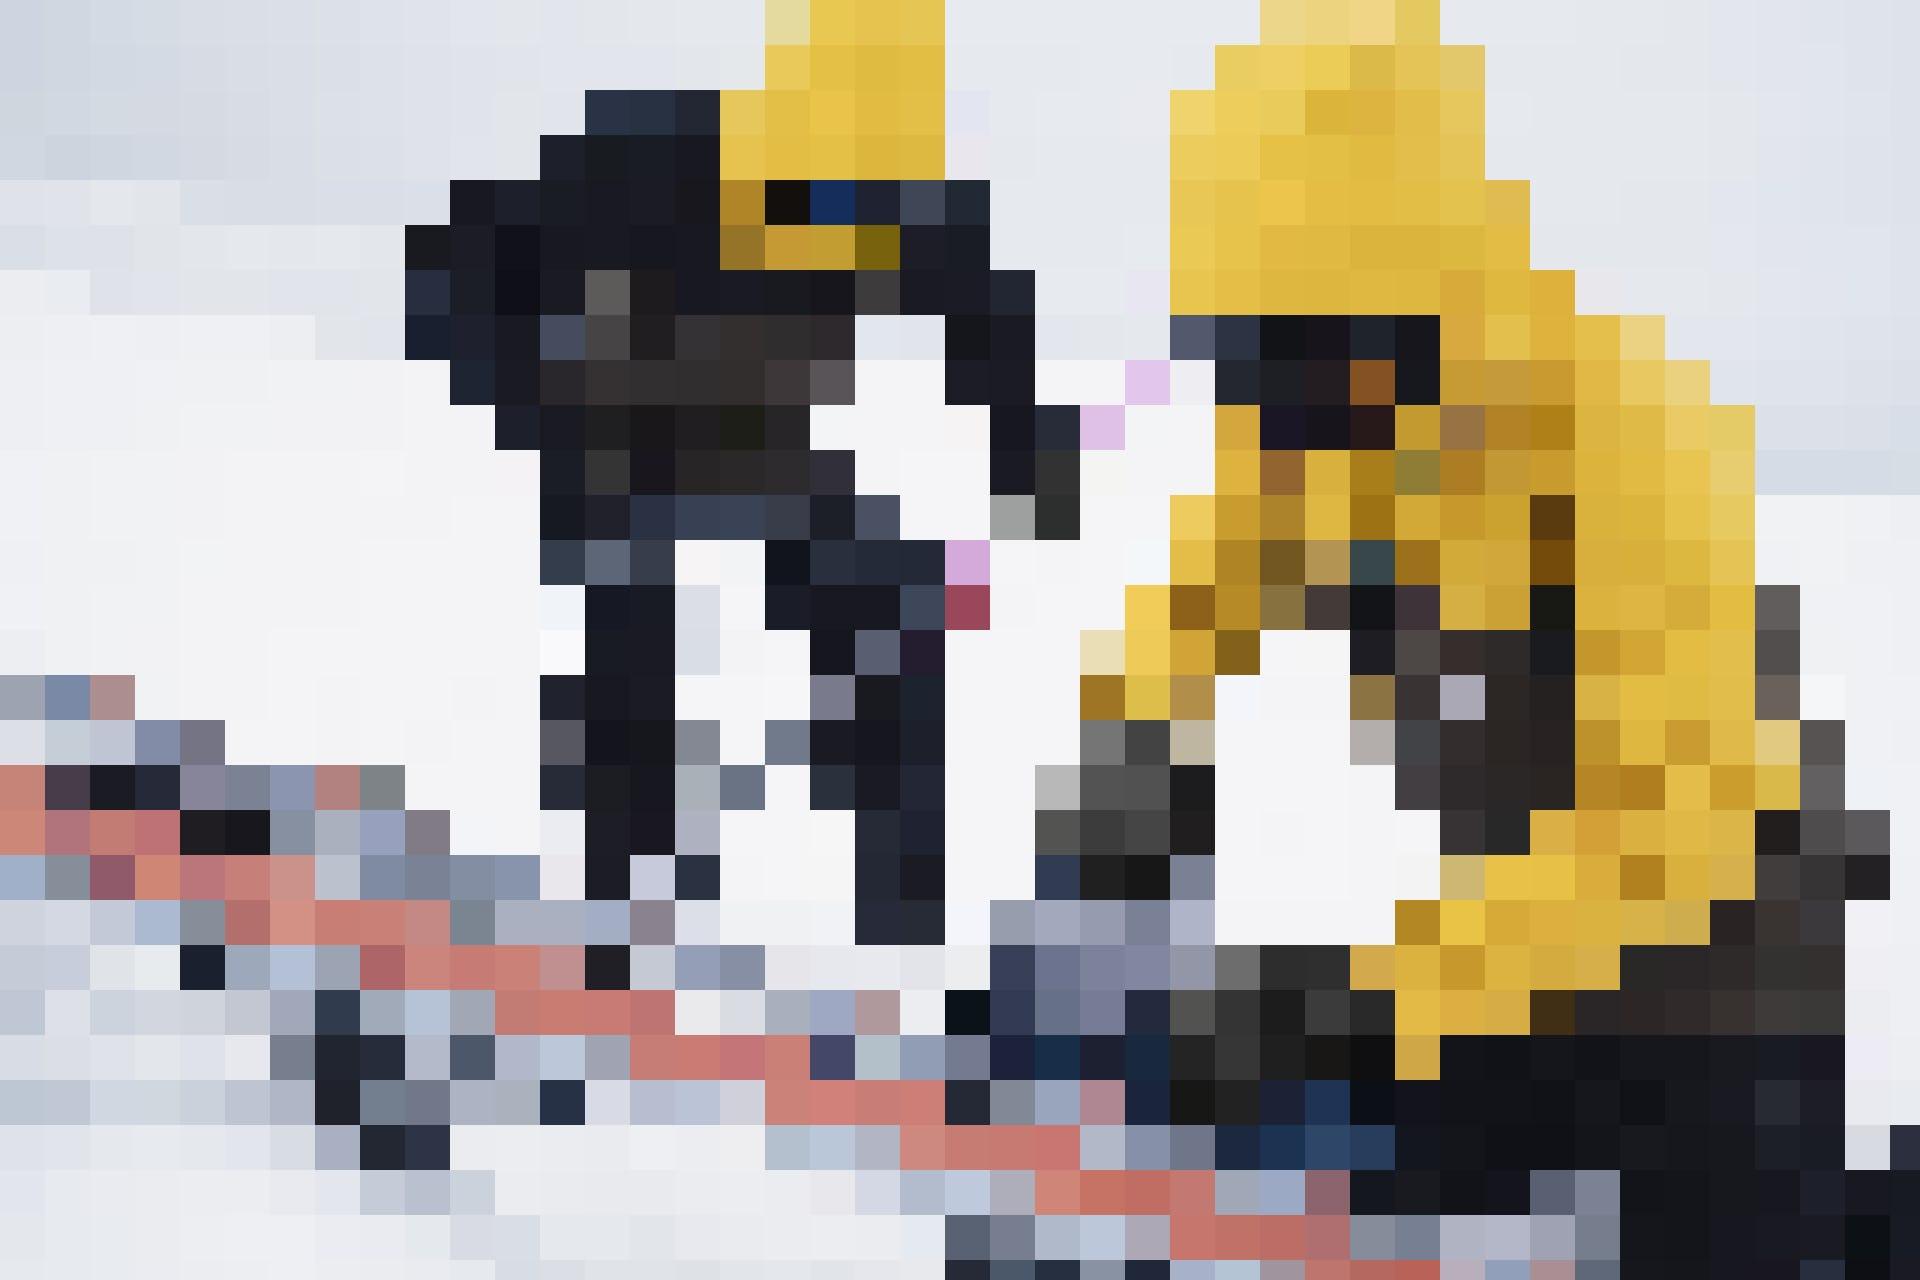 Bewegungsfreiheit, Belüftung und optimaler Schutz vor den Elementen ist zentral: Schneesportler.